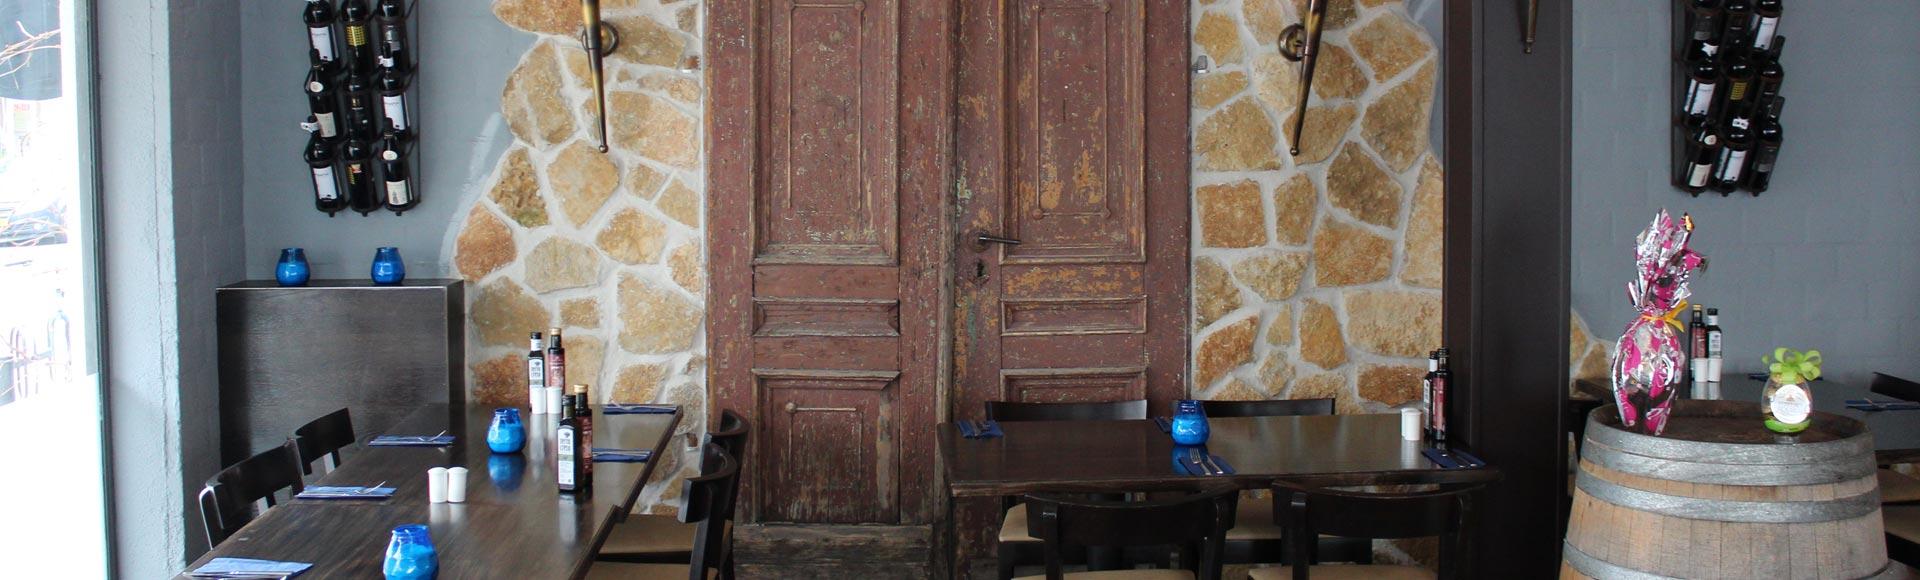 Grieks restaurant CostaRozzi in Zeist – Grieks restaurant aan de ...